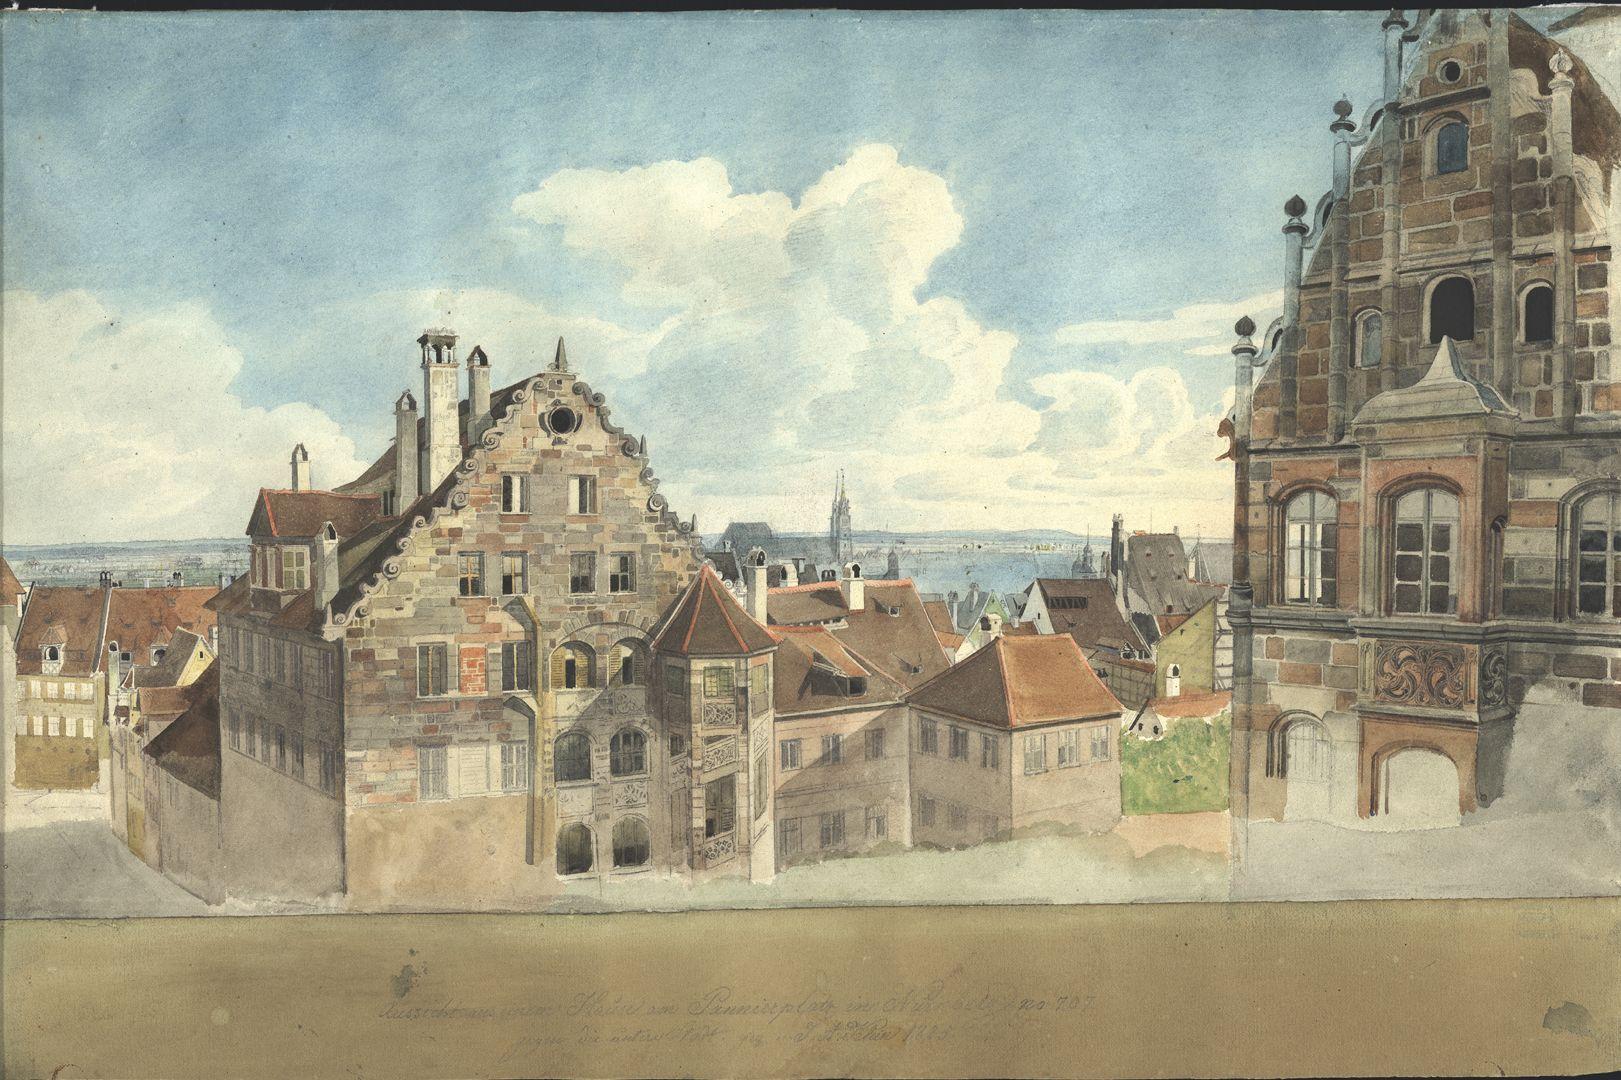 Nürnberg, Blick vom Paniersplatz auf die Stadt